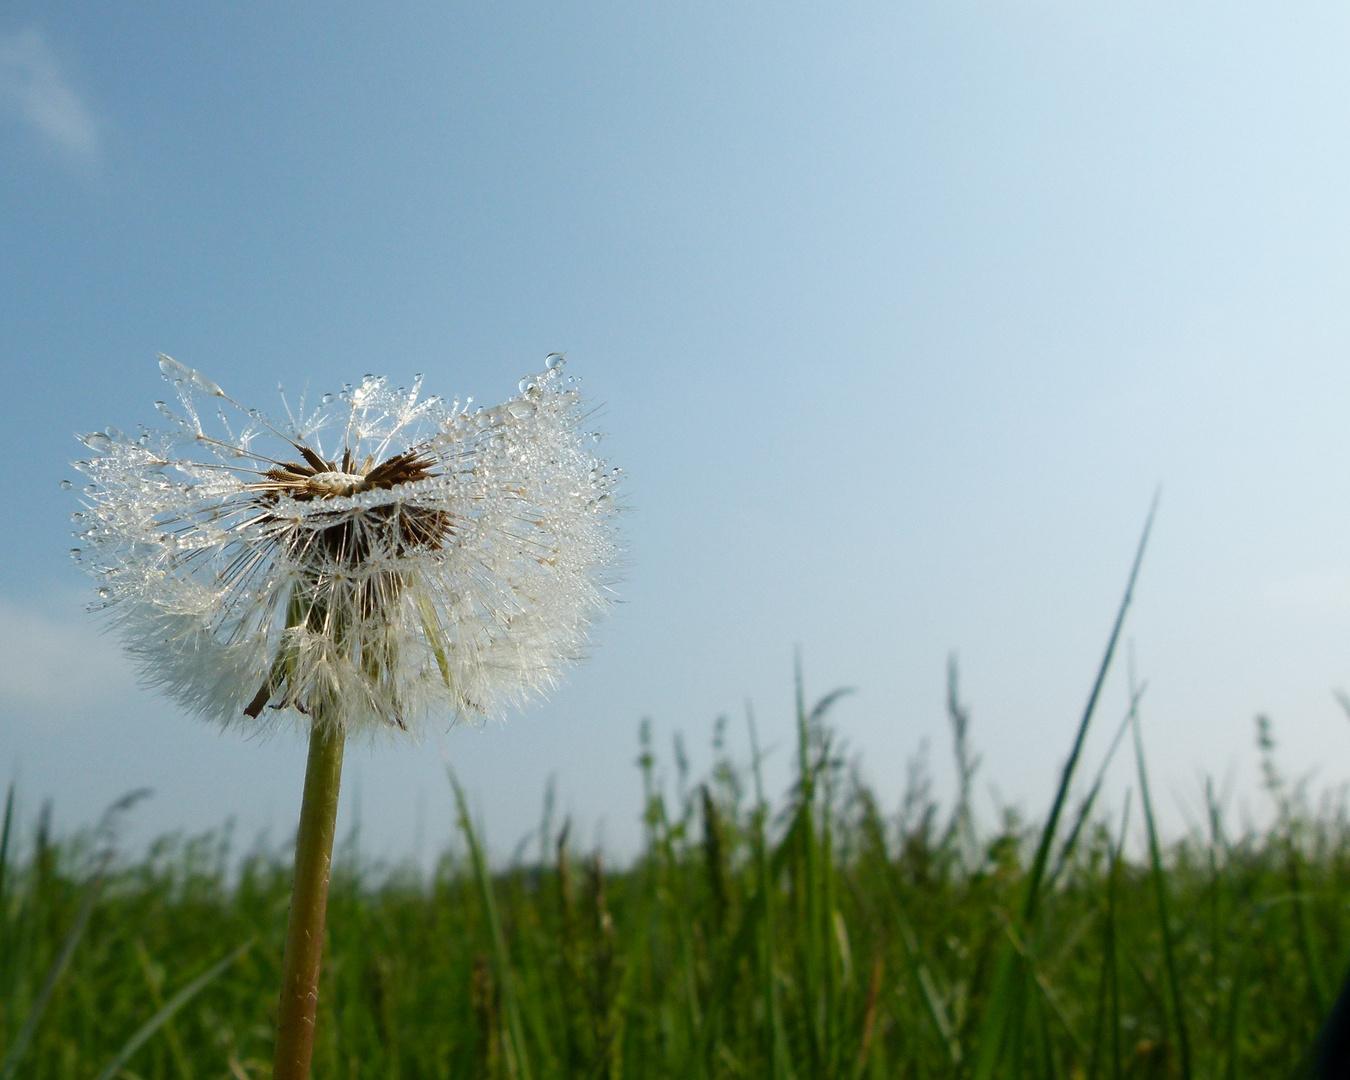 Tautropfen glitzern auf einer Pusteblume